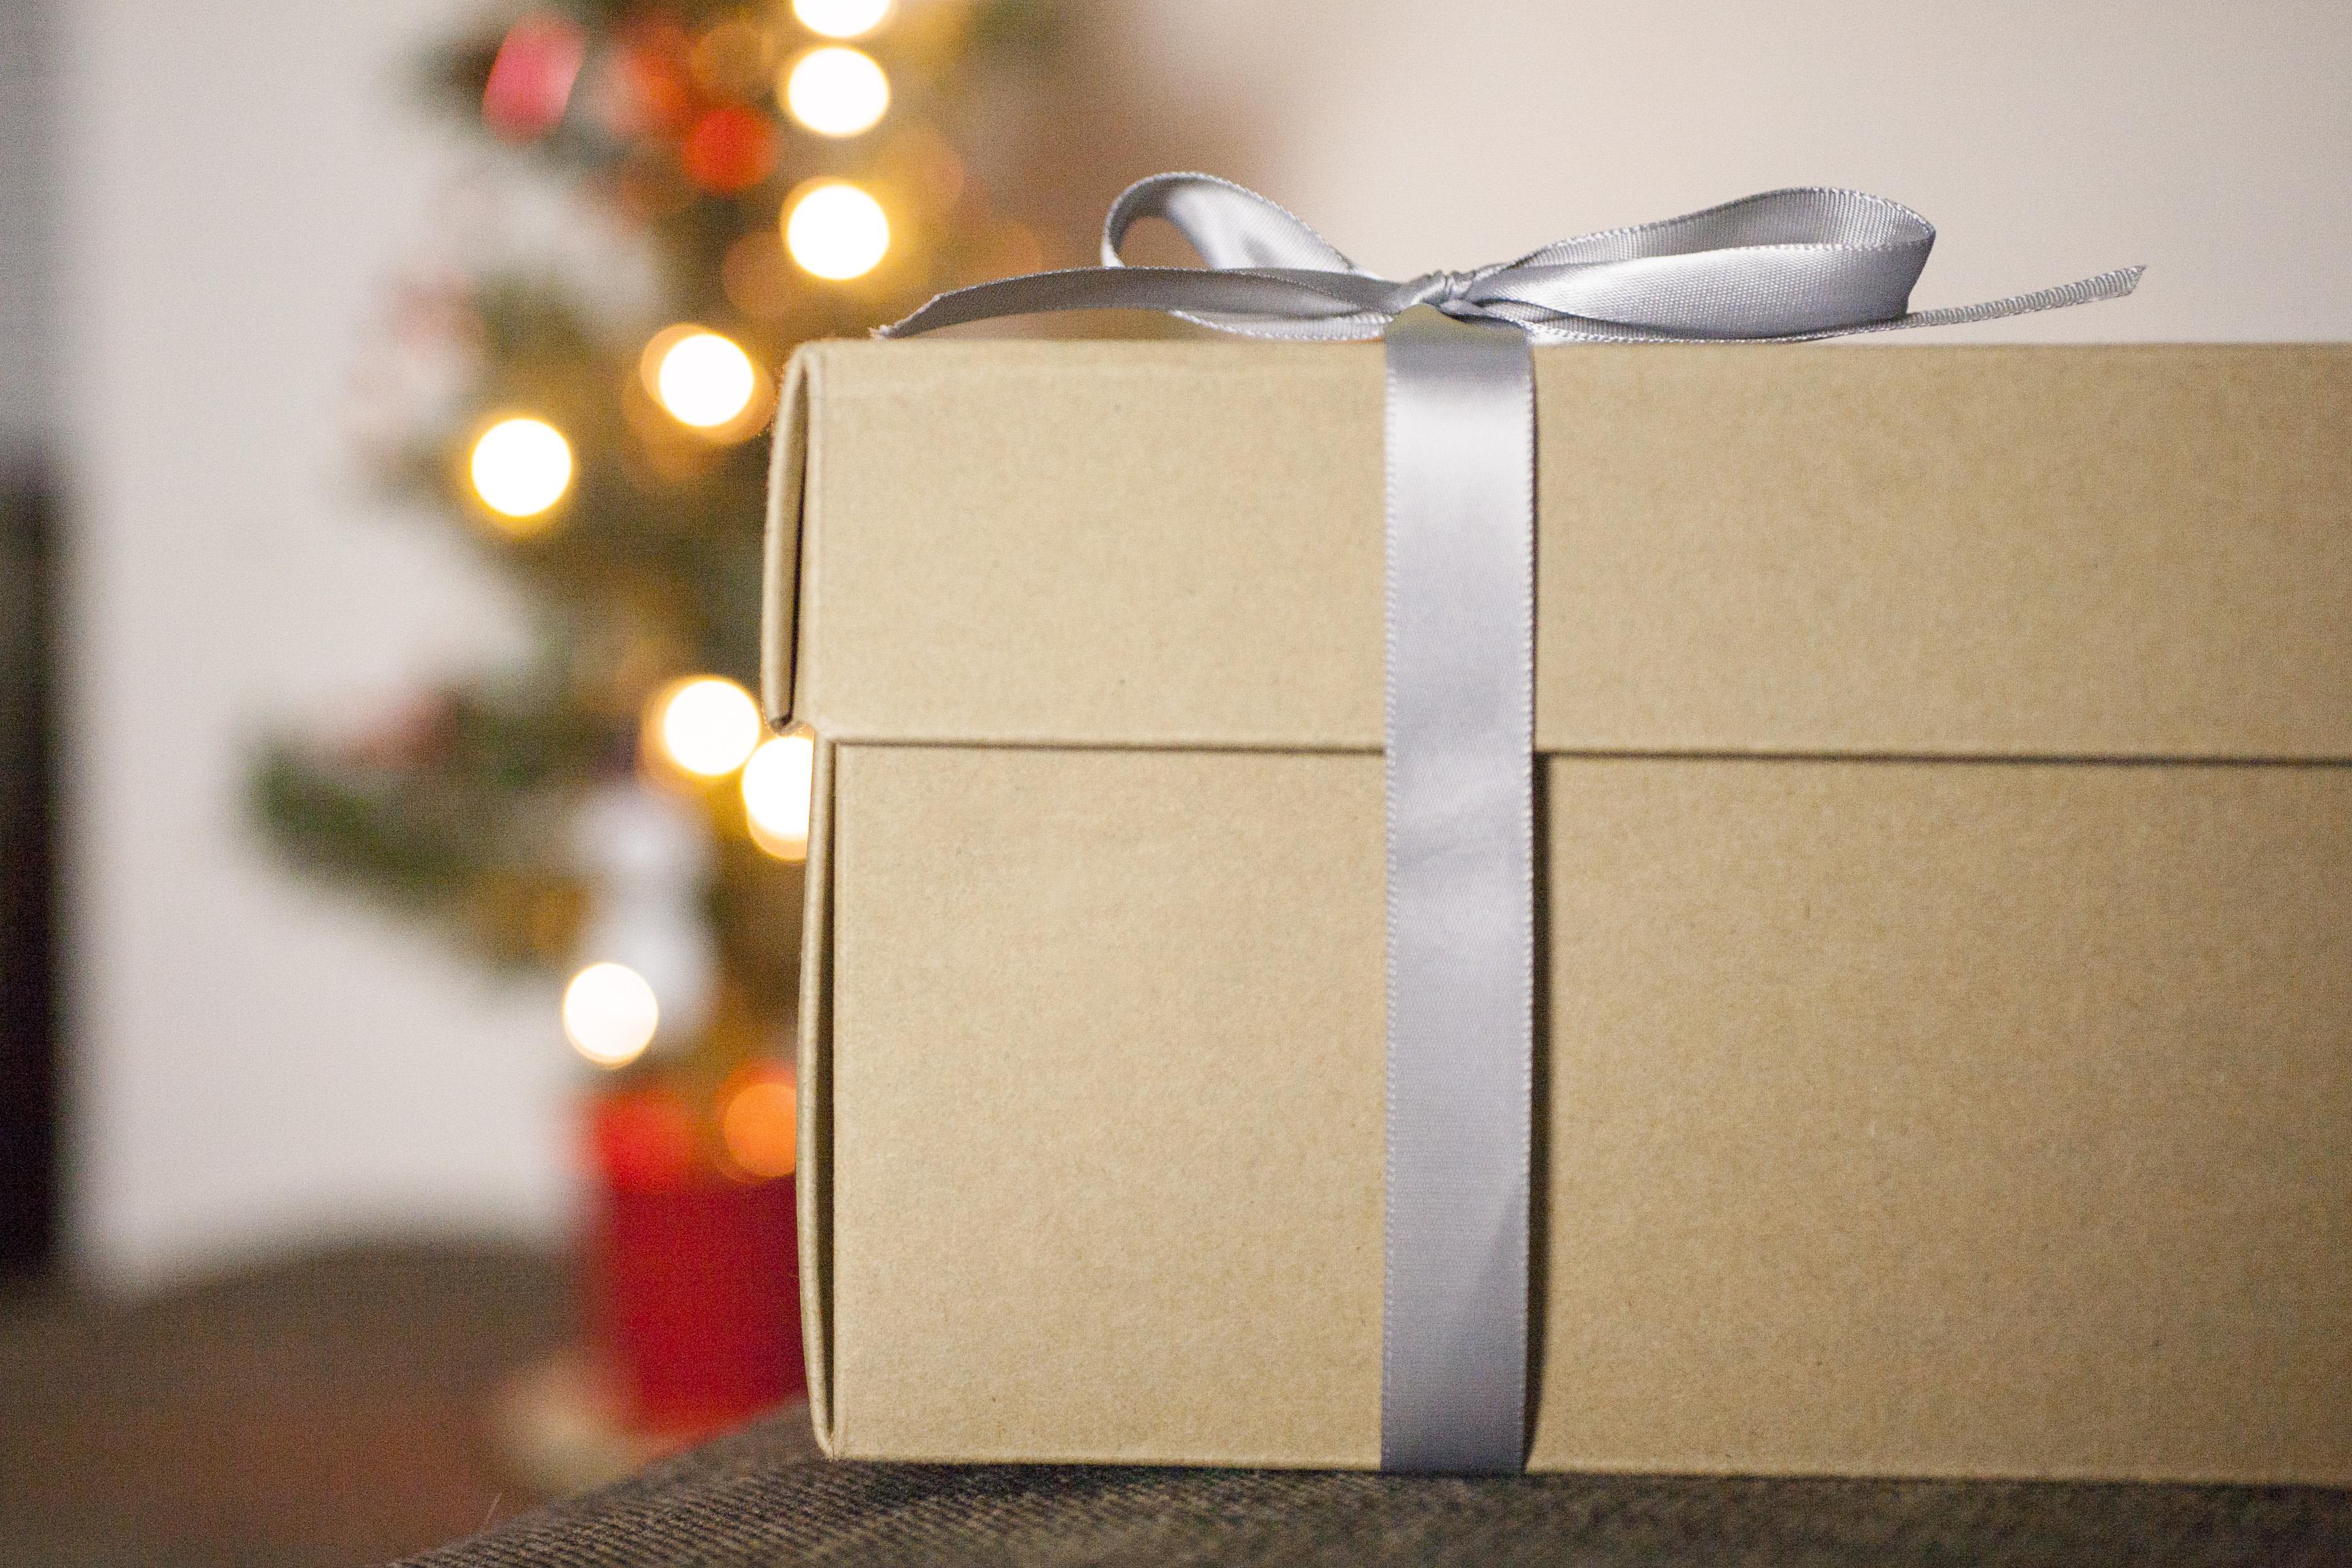 Adoption gift giving